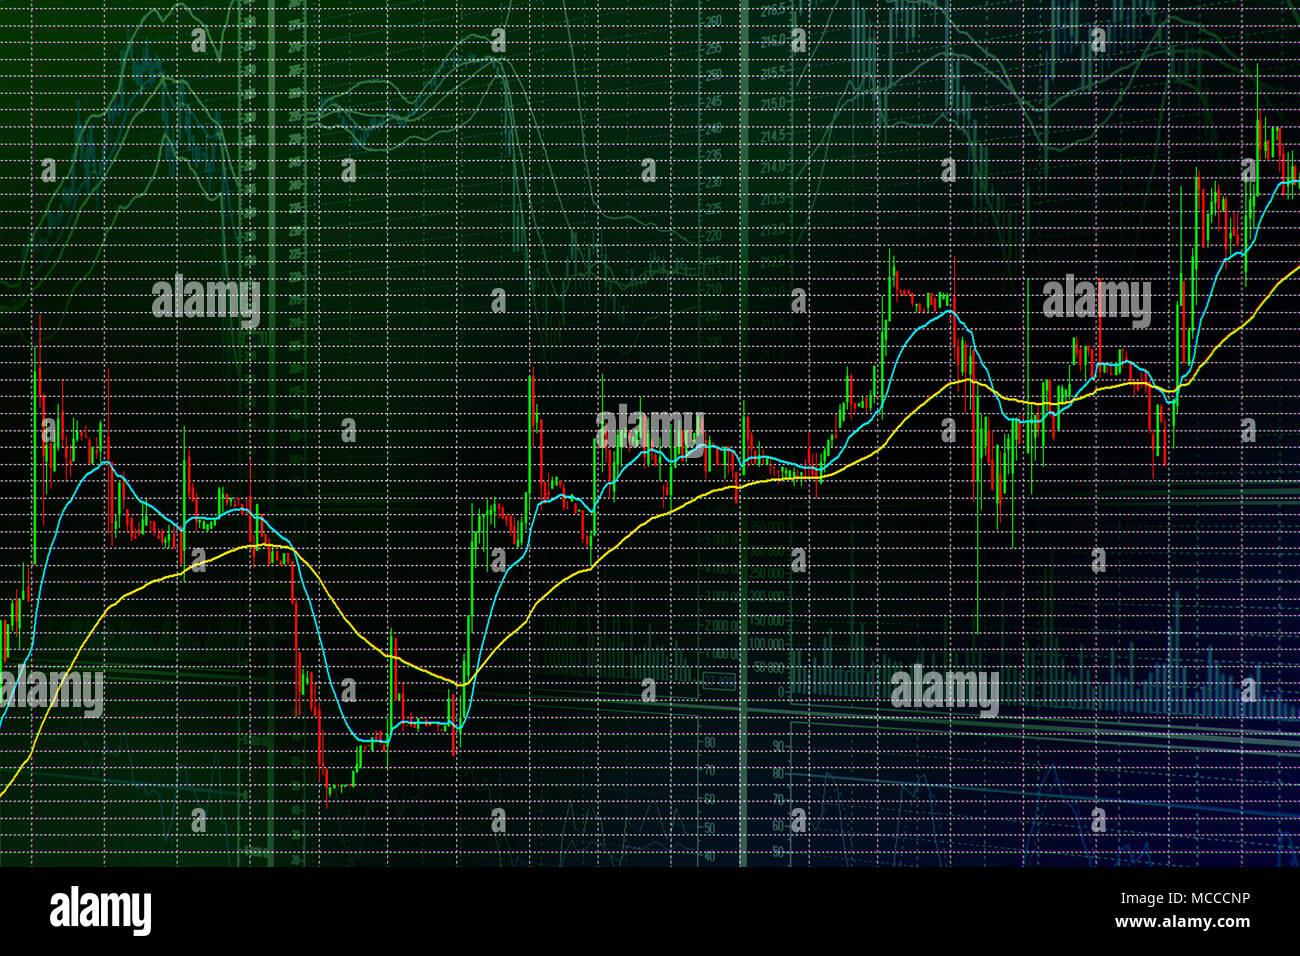 Börse Kerze Balken Diagramm. Trend nach oben. Abstrakte Börse Thema Zusammensetzung Stockbild